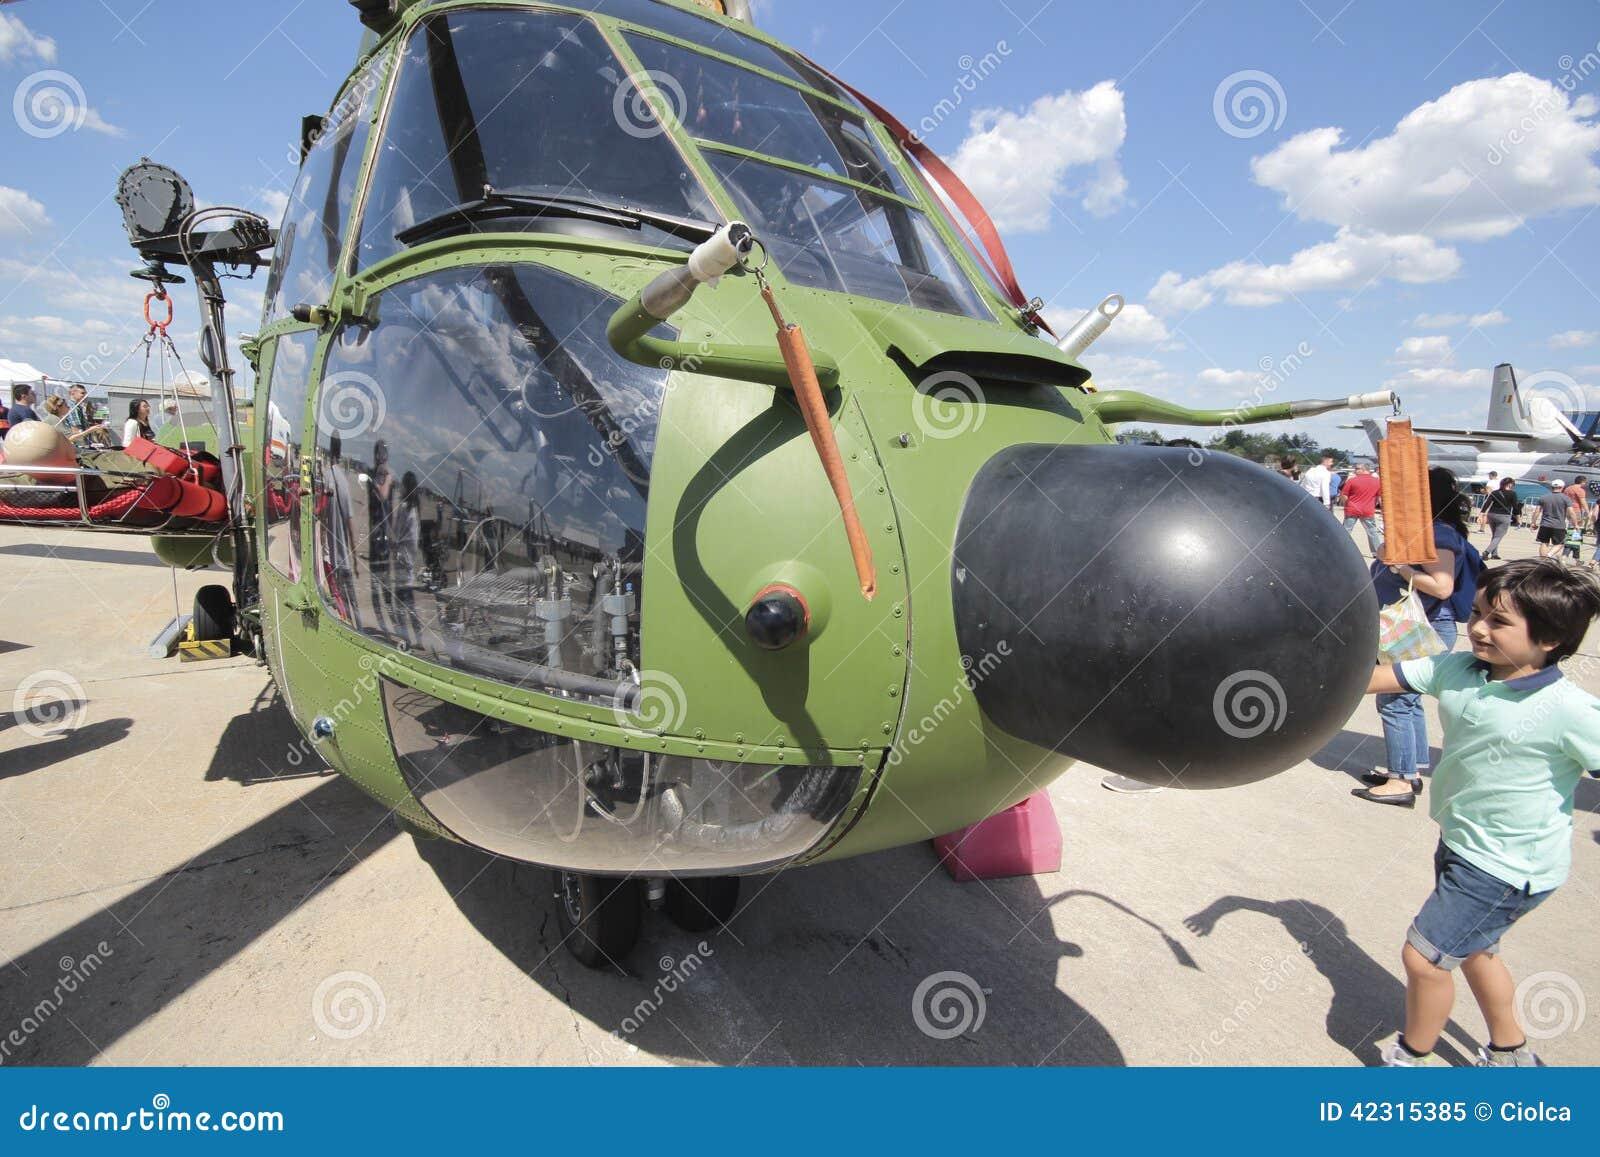 Elicottero Puma : Elicottero eccellente del puma immagine editoriale